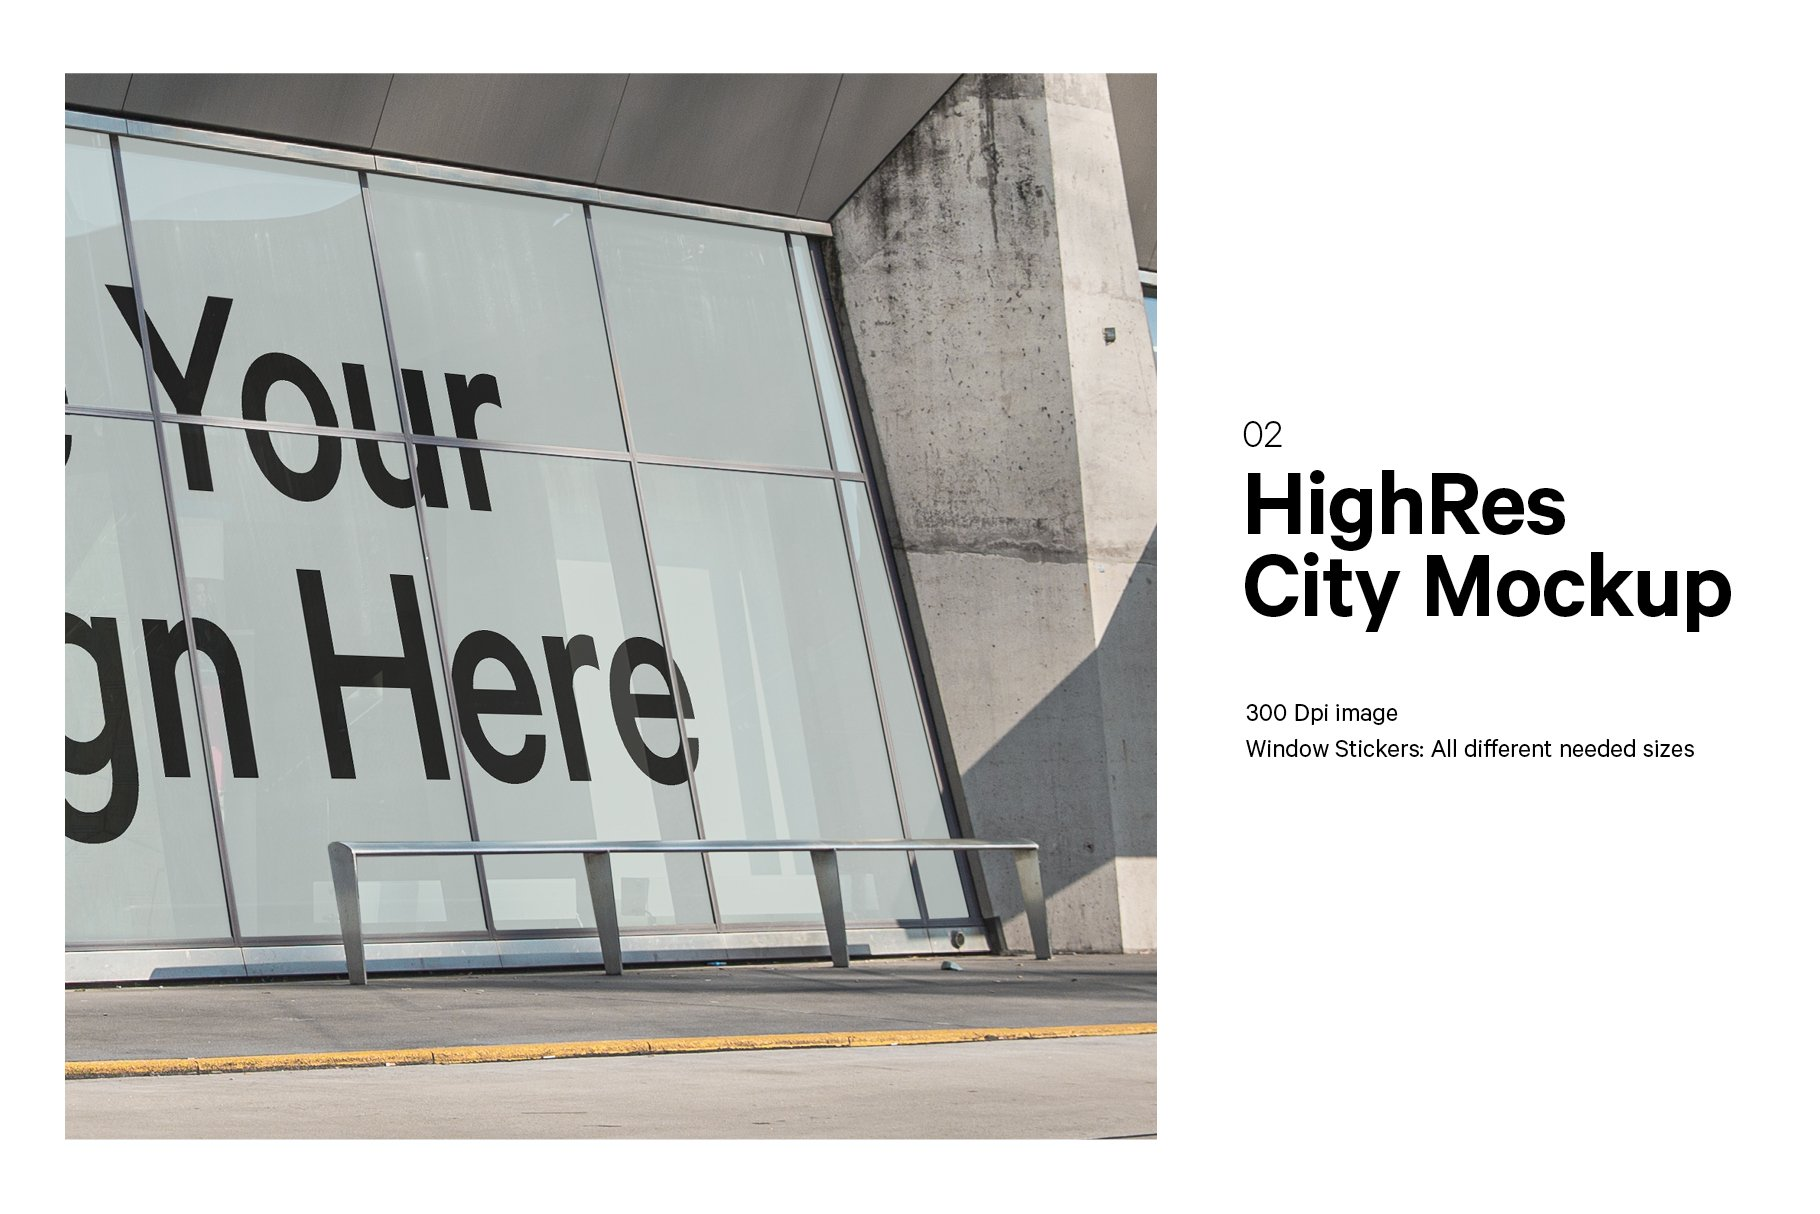 时尚街头店铺外里面橱窗玻璃贴纸广告海报设计展示样机 Shop Facade Mockup Bundle插图3